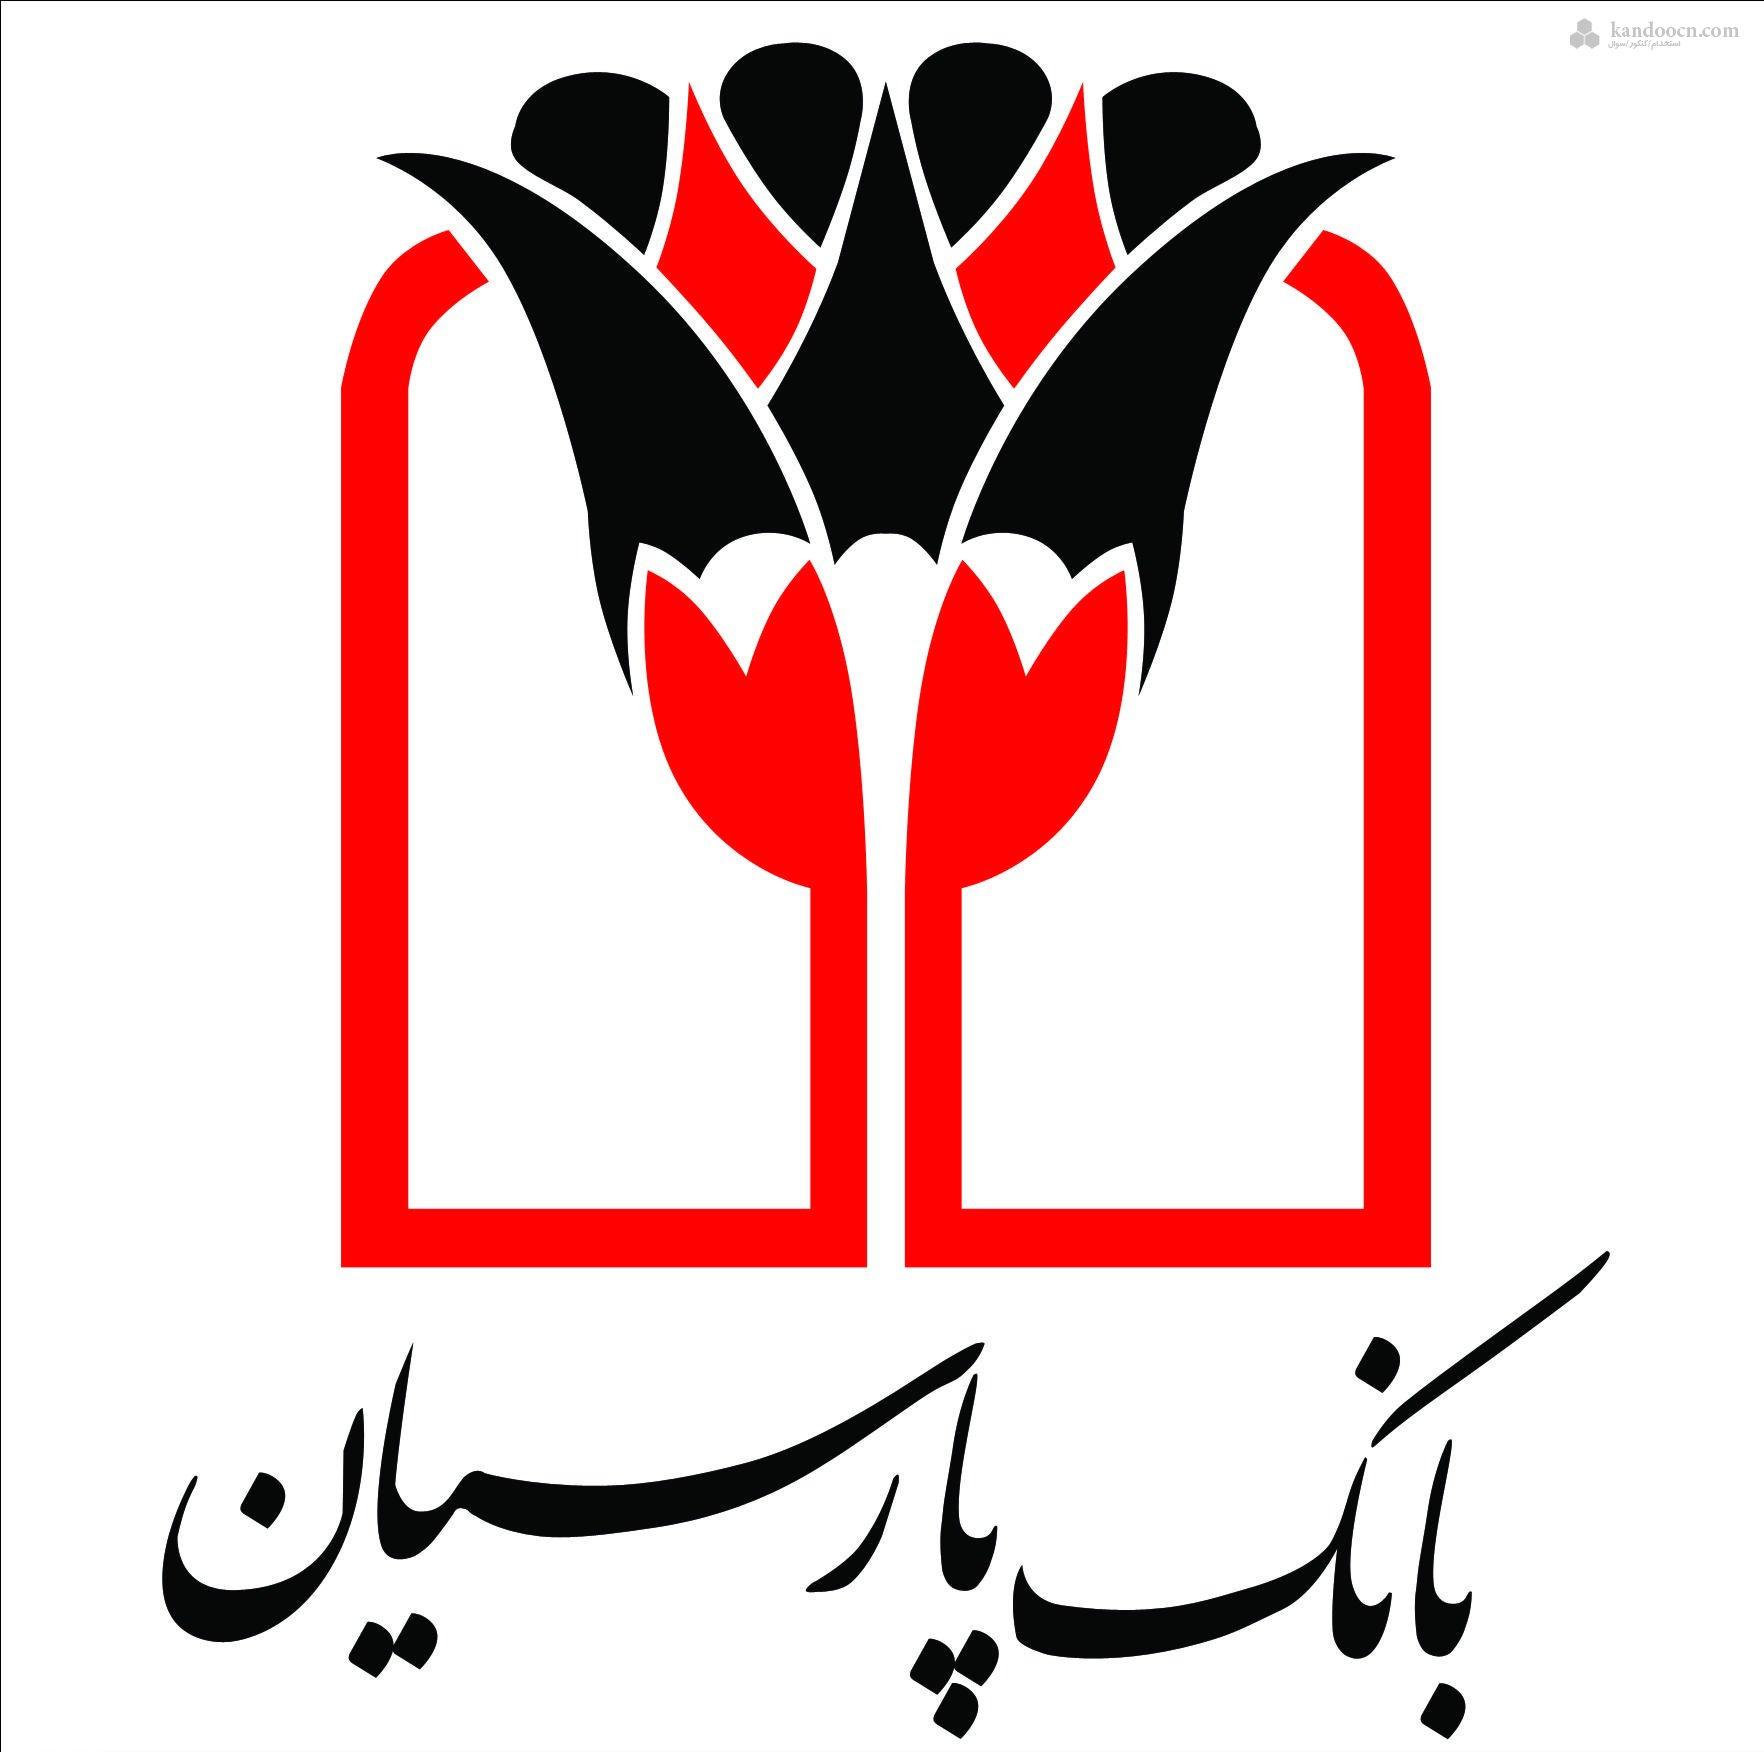 استخدام بانک پارسیان سال 98 (ازمون برگزار شد)